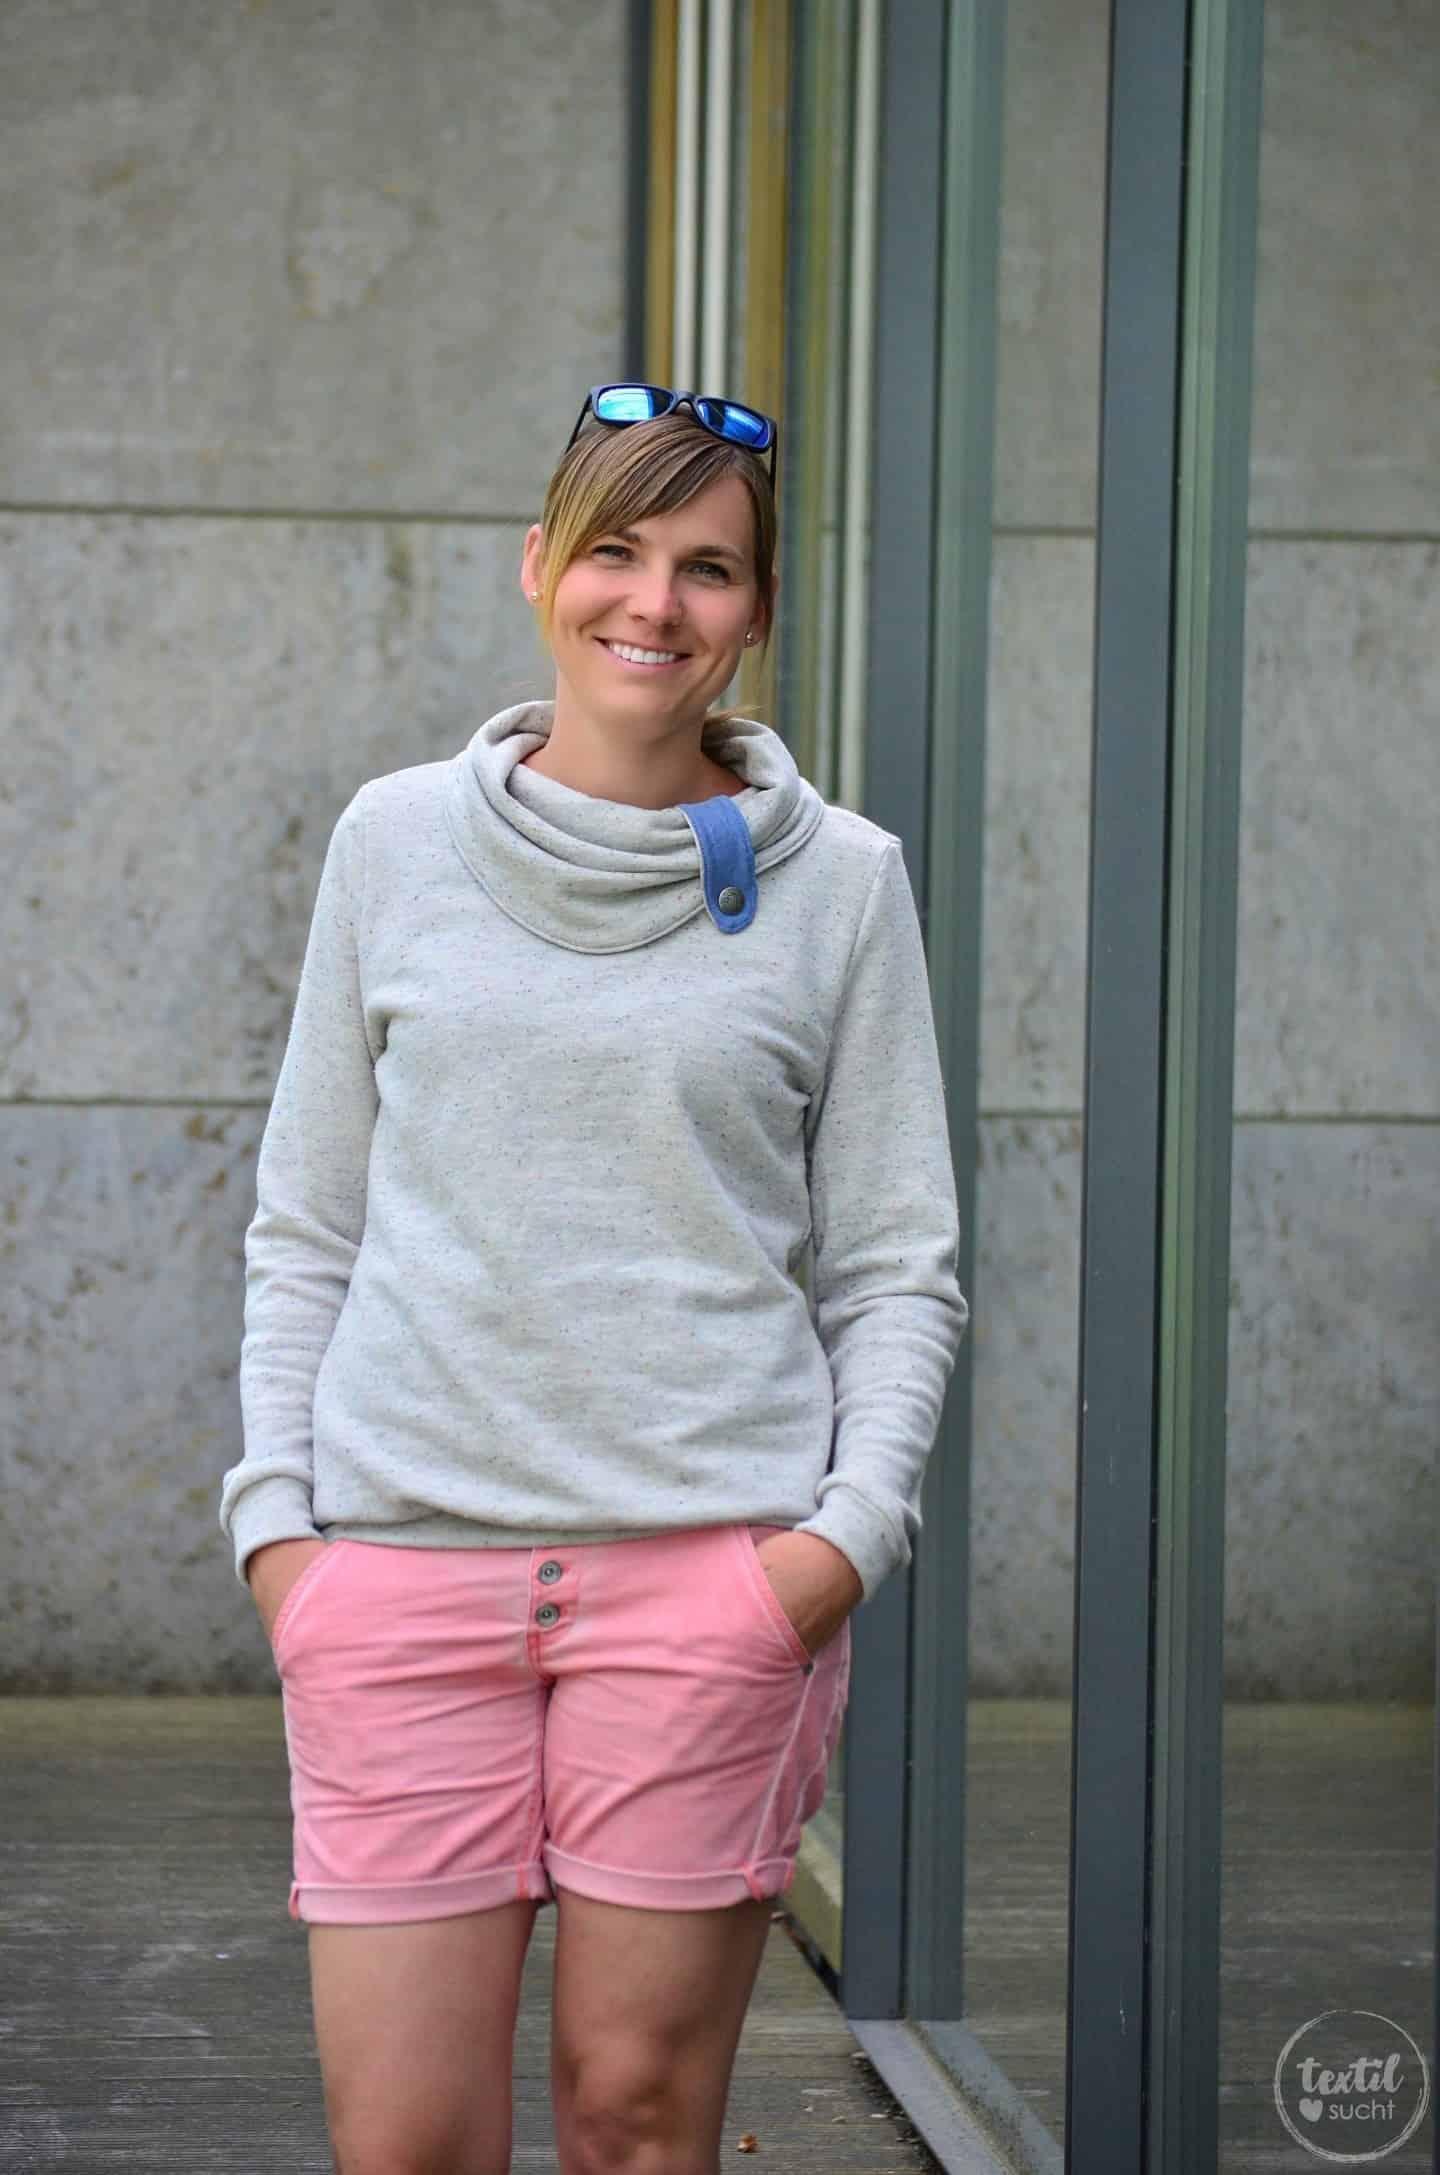 Pullover Schnitt Herzkönigin aus Vintagesweat von Staghoern Design - Bild 1 | textilsucht.de